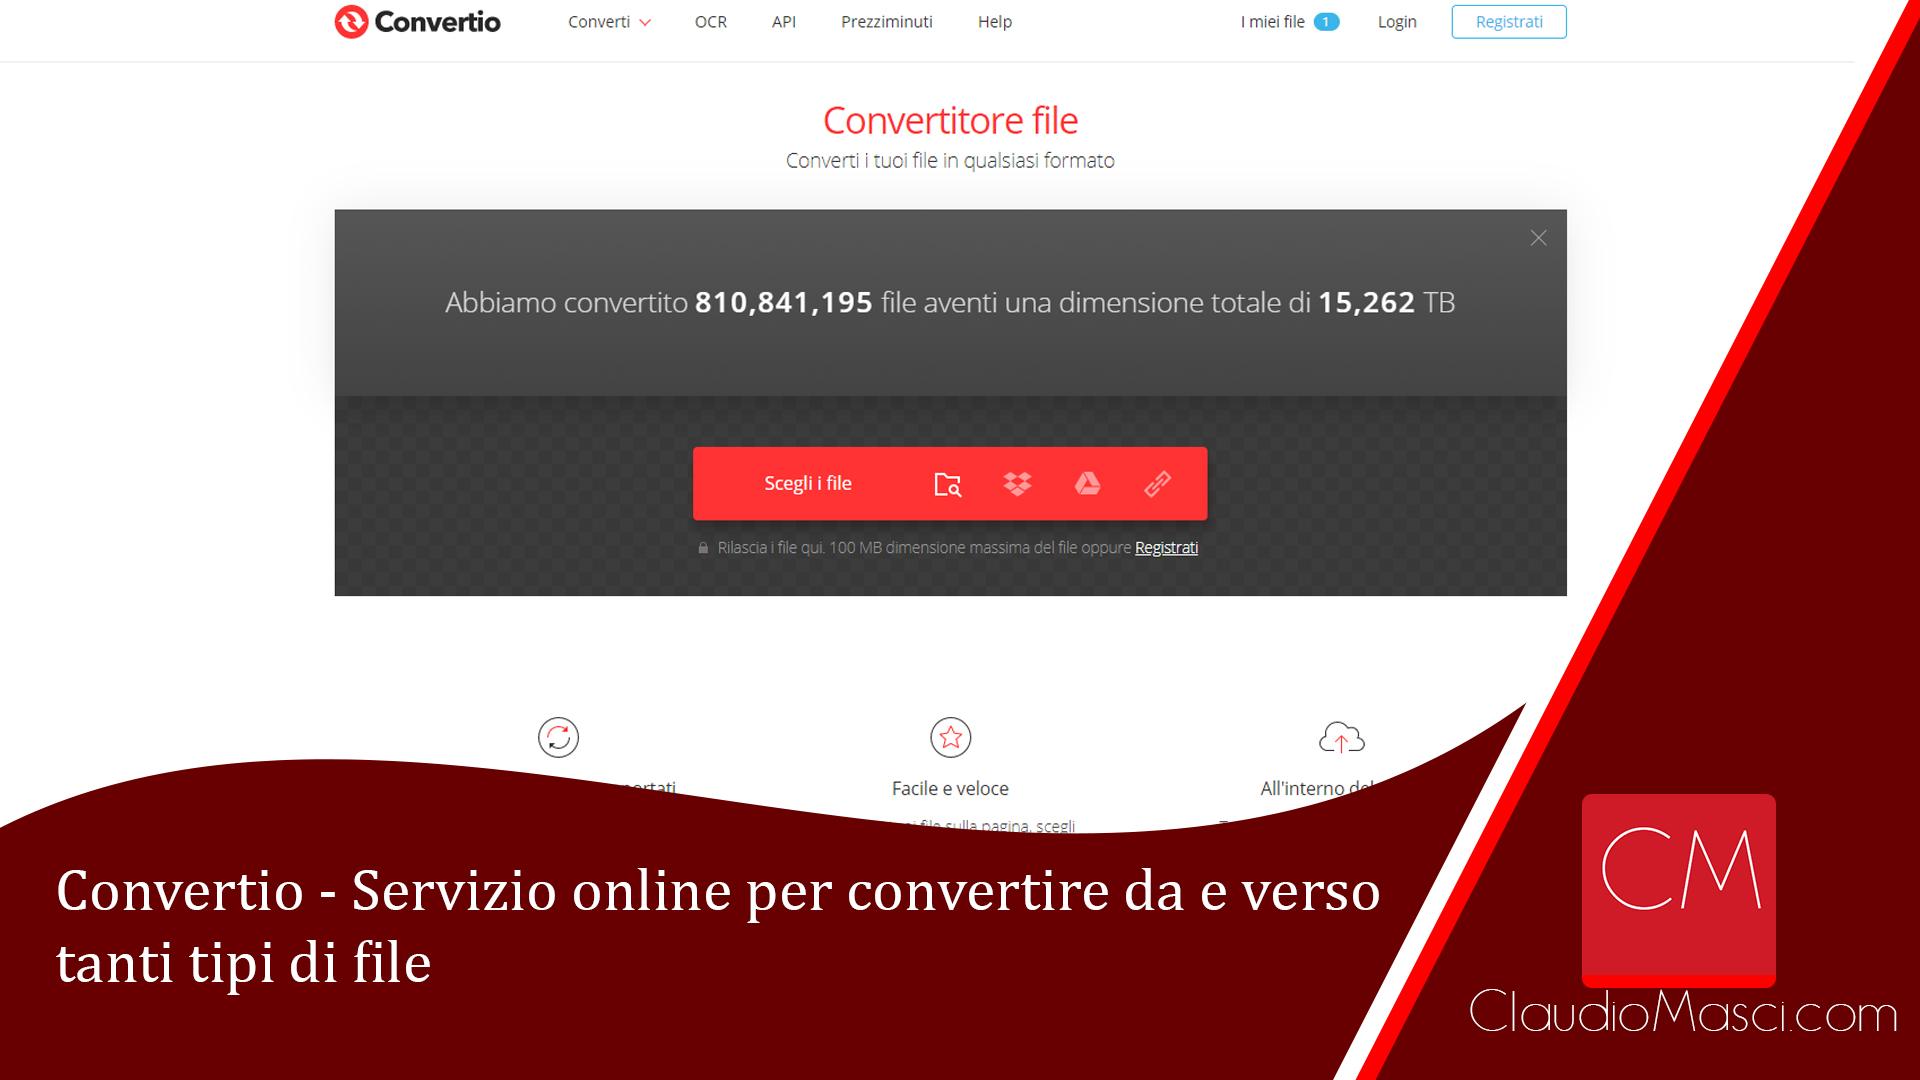 Convertio - Servizio online per convertire da e verso tanti tipi di file